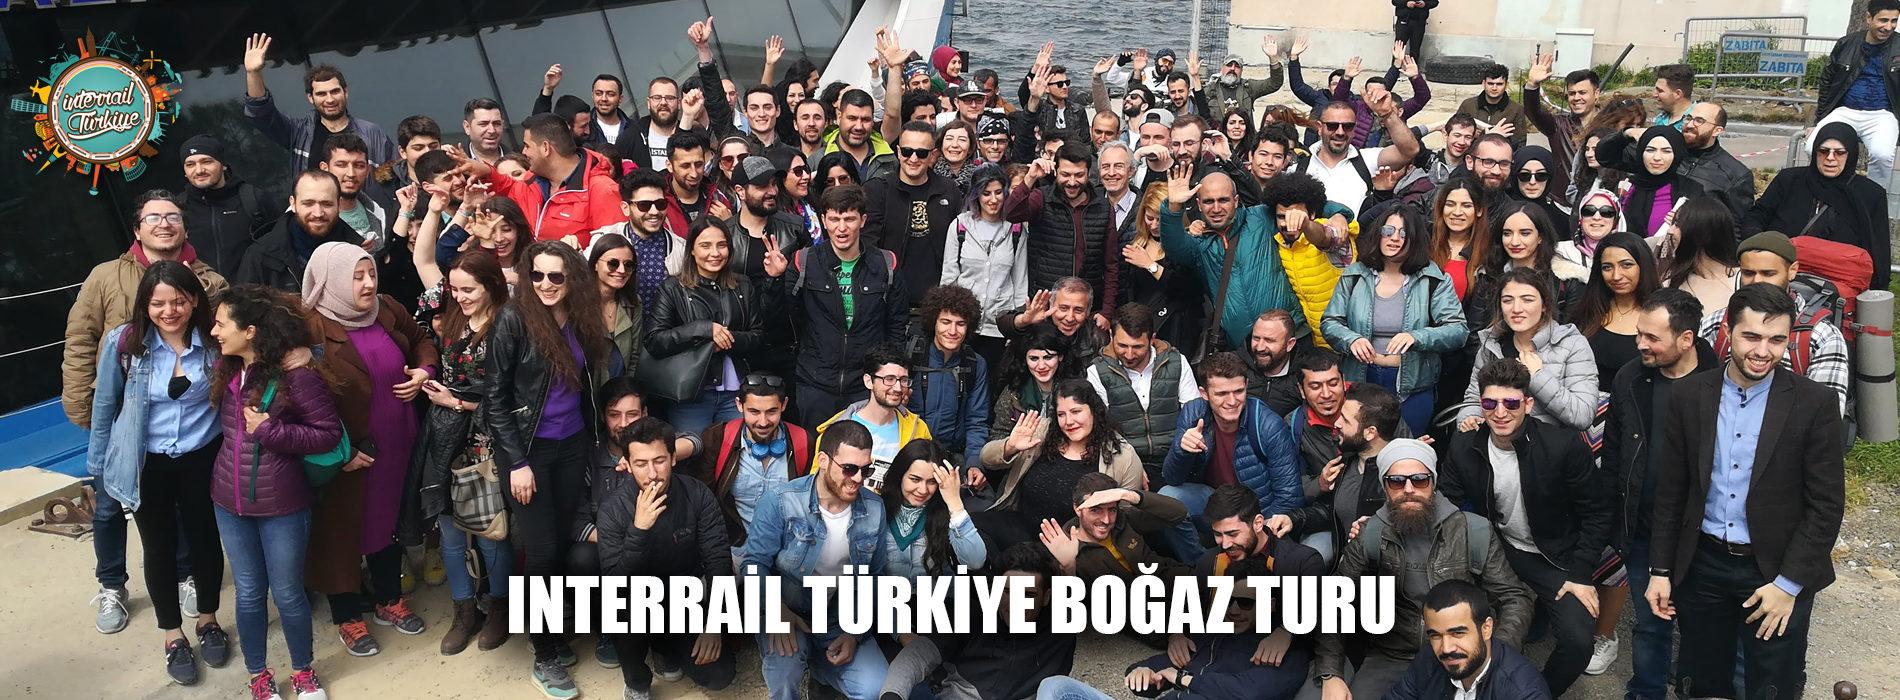 Interrail Türkiye Boğaz Turu